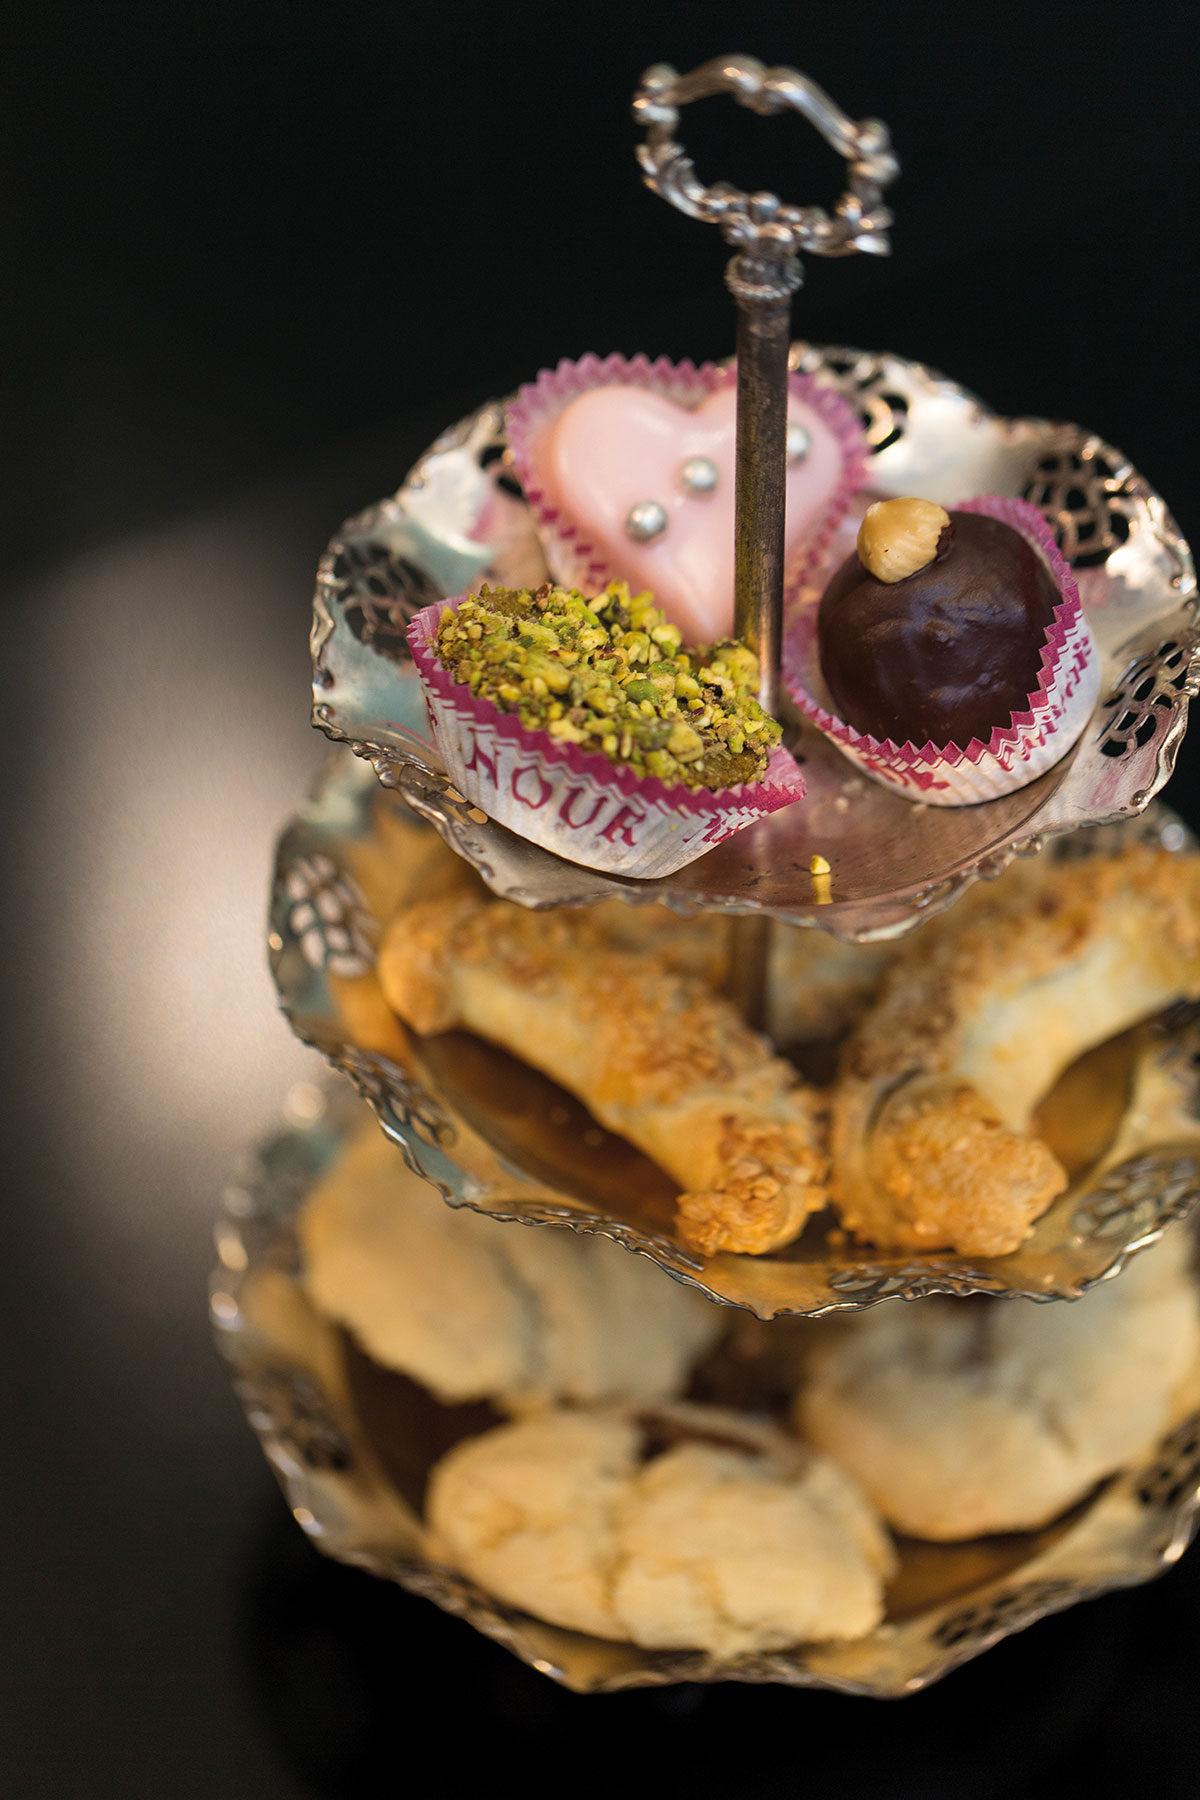 Chez Nour à Metz Le Meilleur Des Pâtisseries Orientales